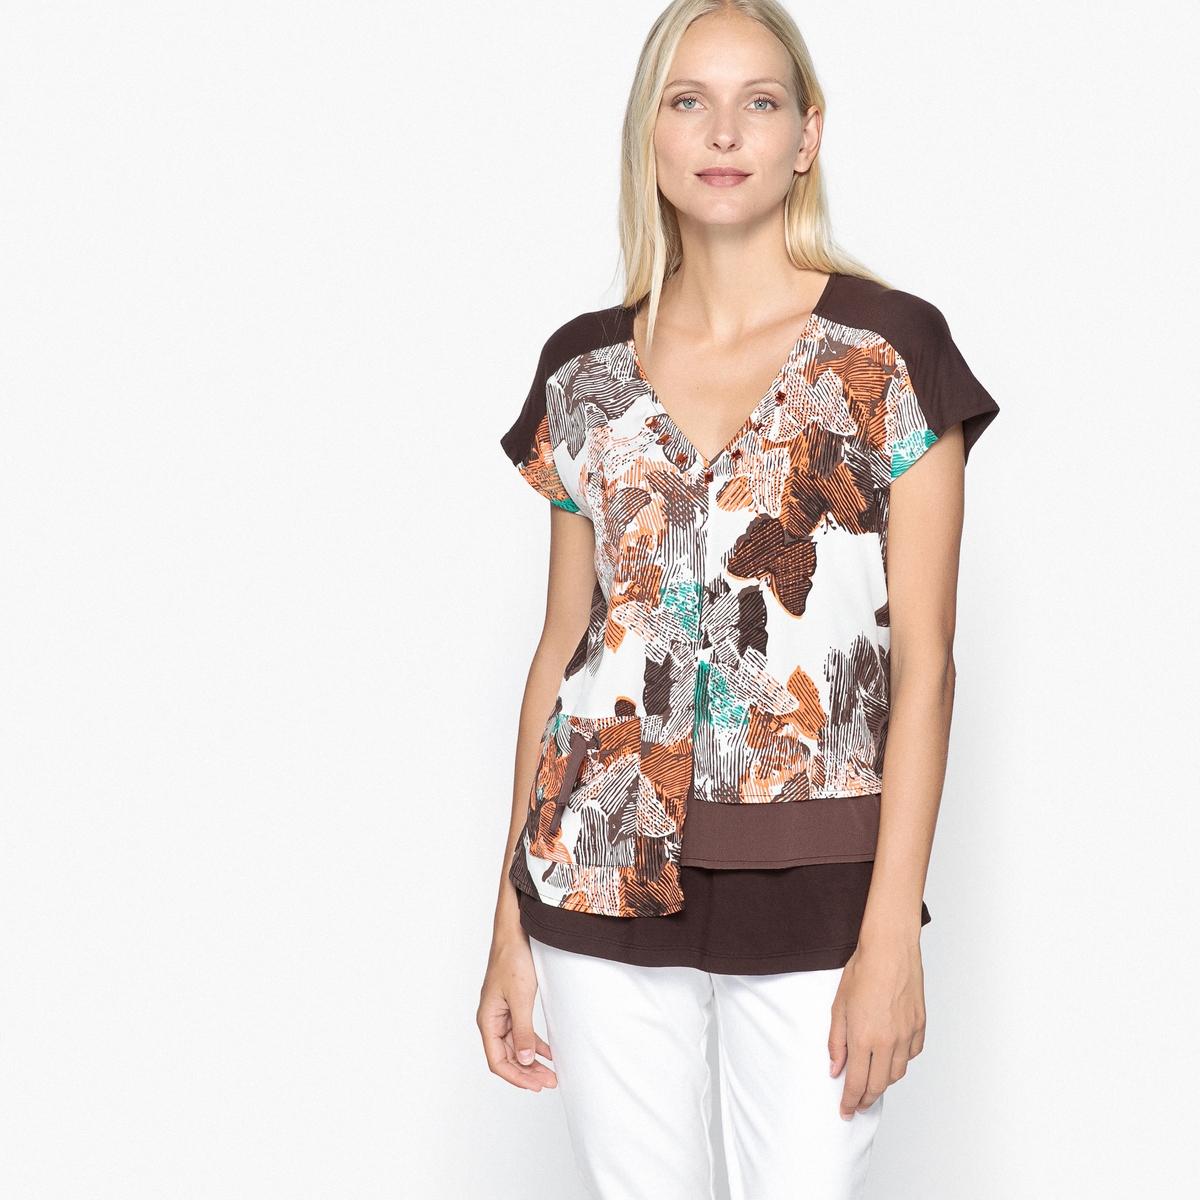 Блузка с рисунком, V-образным вырезом и короткими рукавамиОписание:Очень женственная блузка с рисунком из двух материалов. Элегантная и модная блузка с V-образным вырезом, украшенным кабошонами. Детали •  Короткие рукава •   V-образный вырез •  Рисунок-принтСостав и уход •  95% вискозы, 5% эластана •  Температура стирки 30° на деликатном режиме   •  Сухая чистка и отбеливатели запрещены •  Не использовать барабанную сушку •  Низкая температура глажки •  Асимметричные полочки и отрезные детали •  Передняя часть из  100% полиэстера •  Карман на завязках с люверсами и на трикотажной подкладке •  Длина  : 65 см<br><br>Цвет: рисунок/фон экрю<br>Размер: 38 (FR) - 44 (RUS).52 (FR) - 58 (RUS).42 (FR) - 48 (RUS).48 (FR) - 54 (RUS).46 (FR) - 52 (RUS).44 (FR) - 50 (RUS)